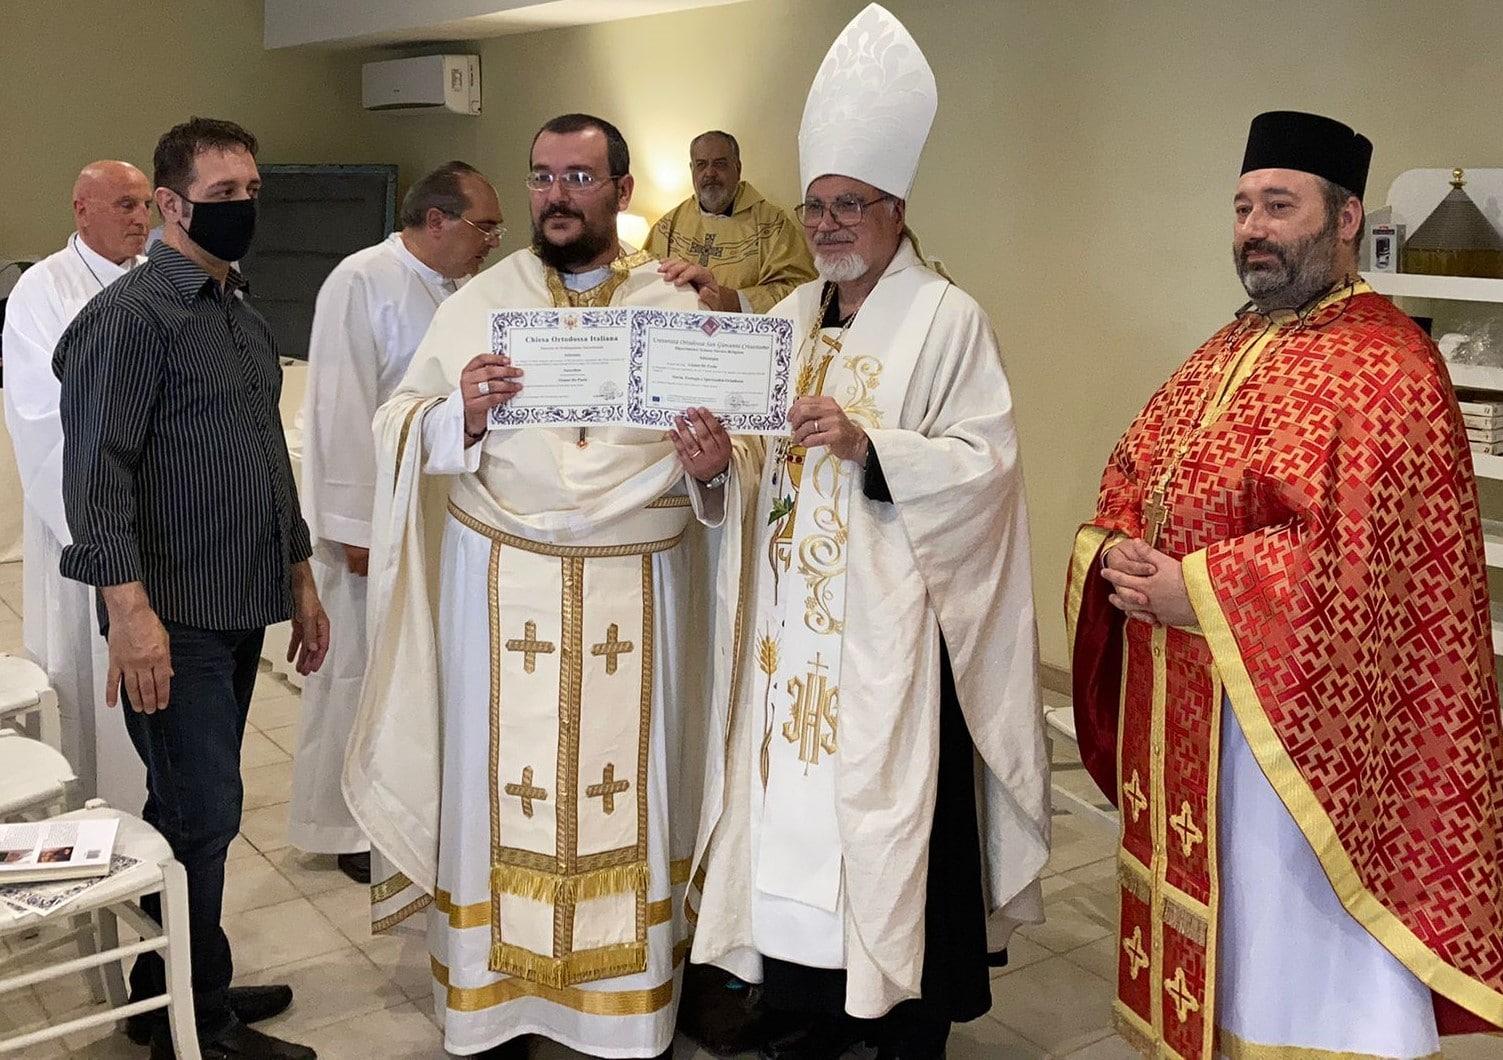 Diocesi di Bari